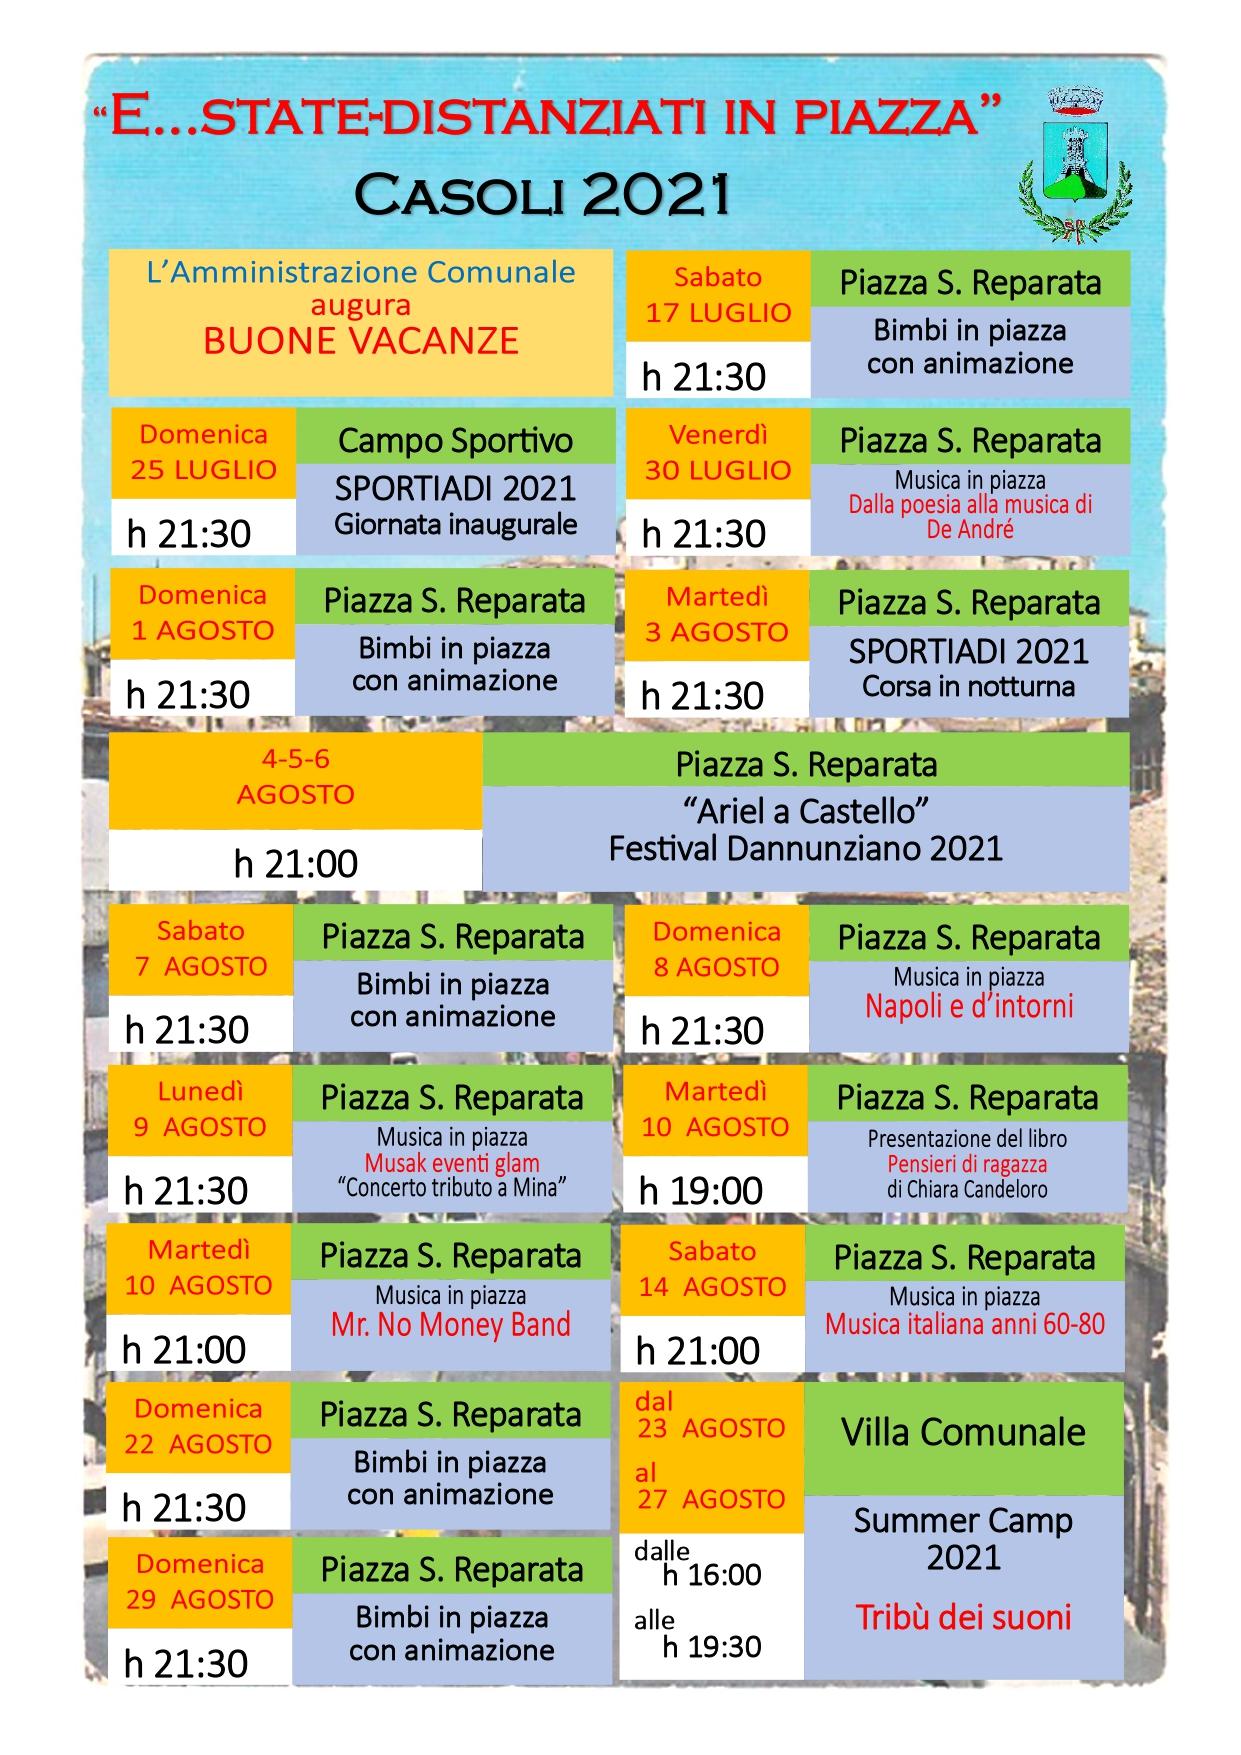 Locandina eventi estivi 2021 Casoli